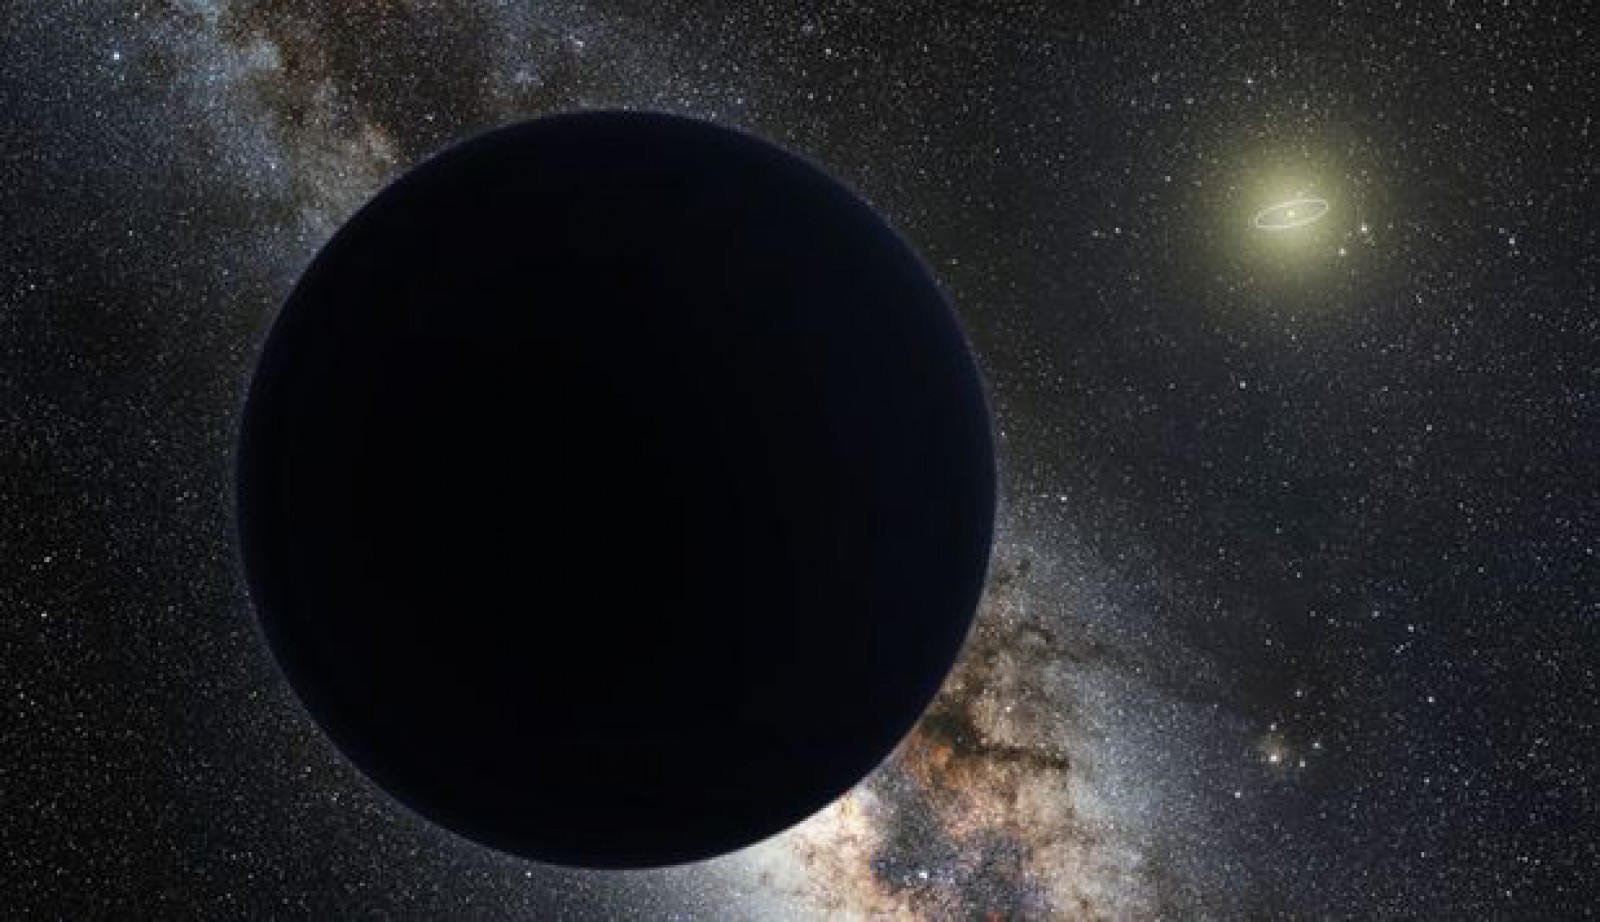 Un obiect spaţial descoperit recent, cu o orbită stranie, ar putea dezvălui existenţa Planetei 9